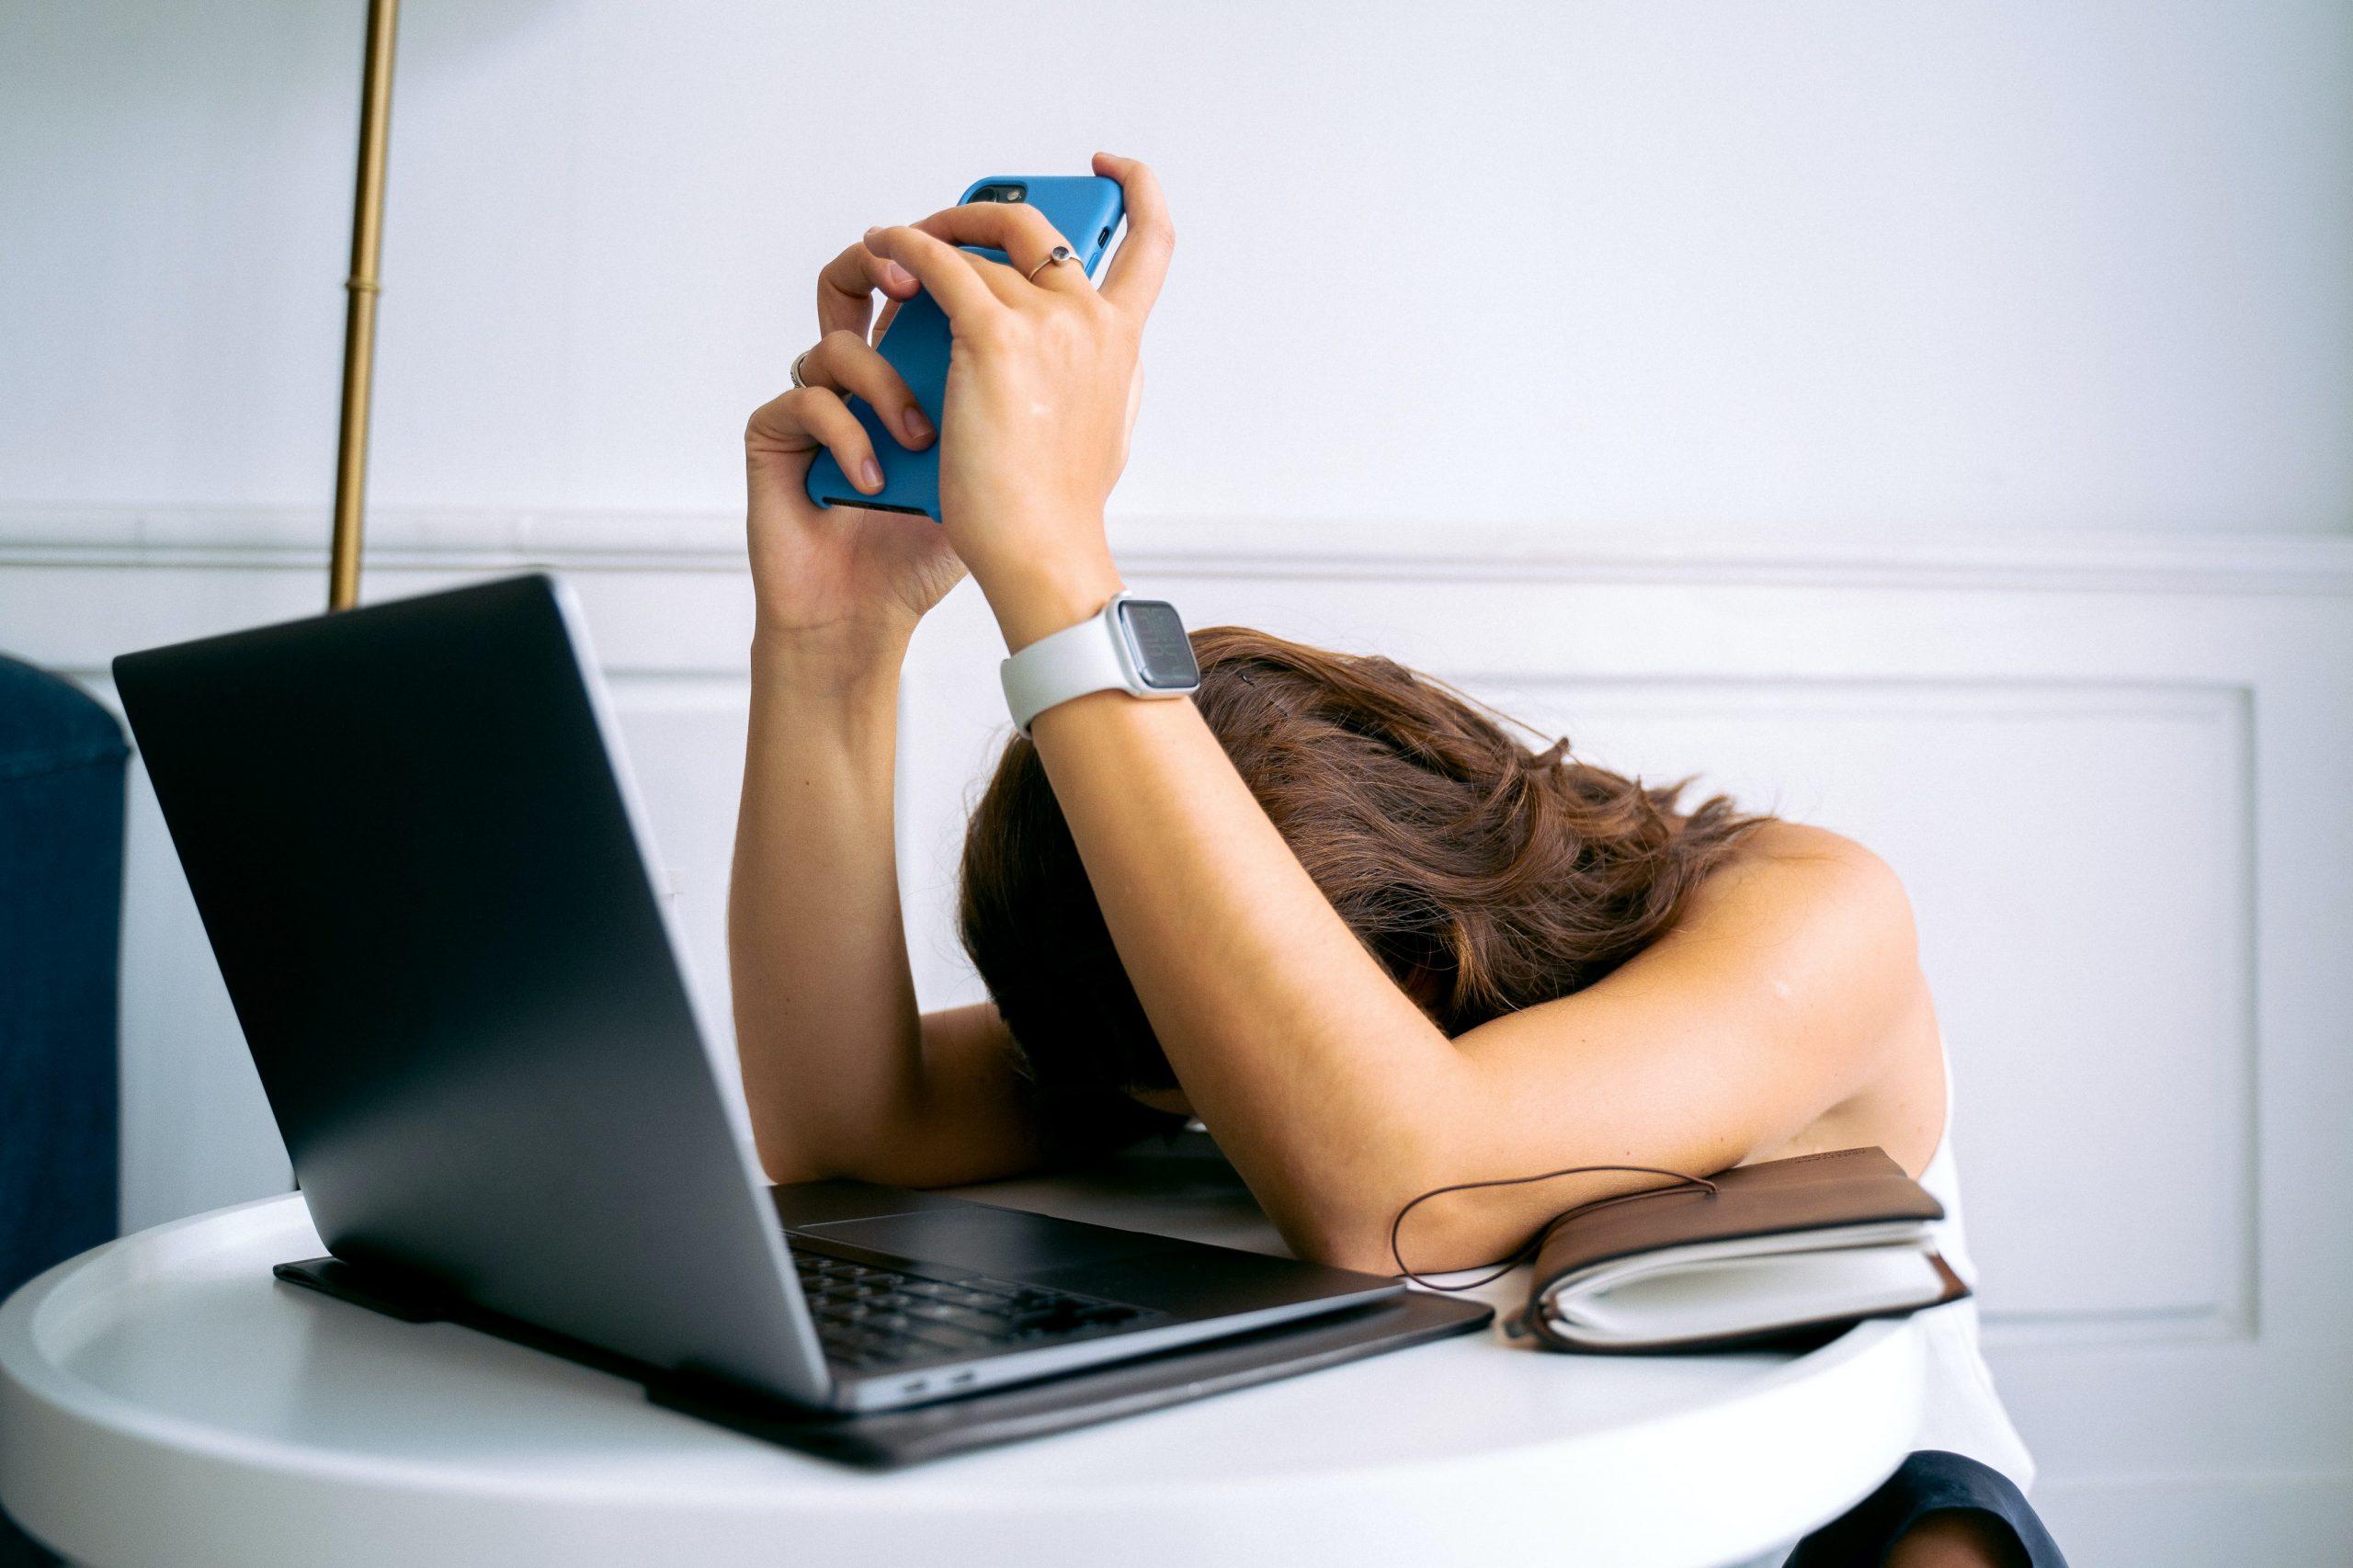 mujer cansada con computadora y celular